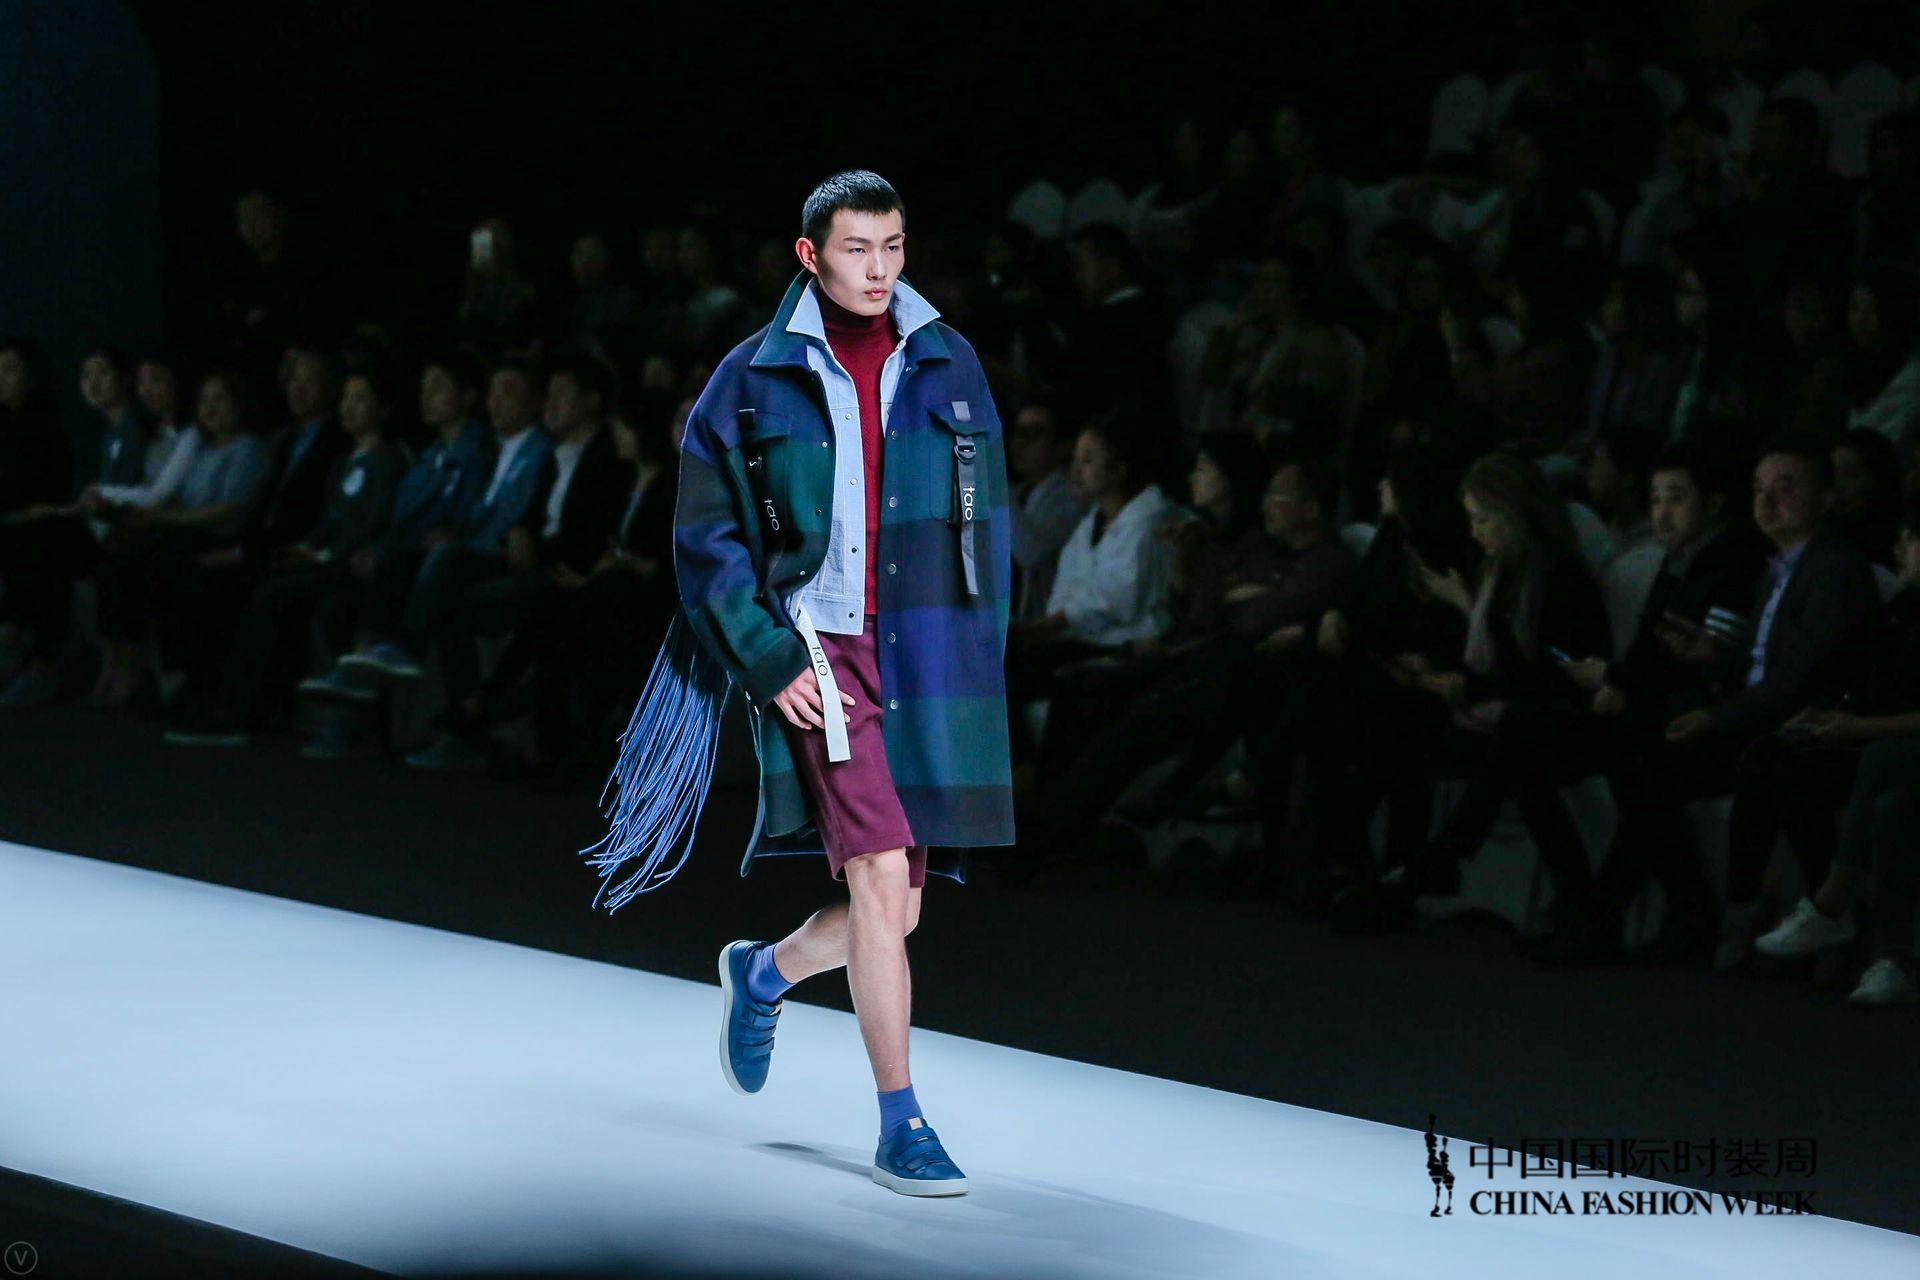 设计师王陶携手ECCO首次亮相中国国际时装周,和《华丽志》谈:跨界、态度和学习